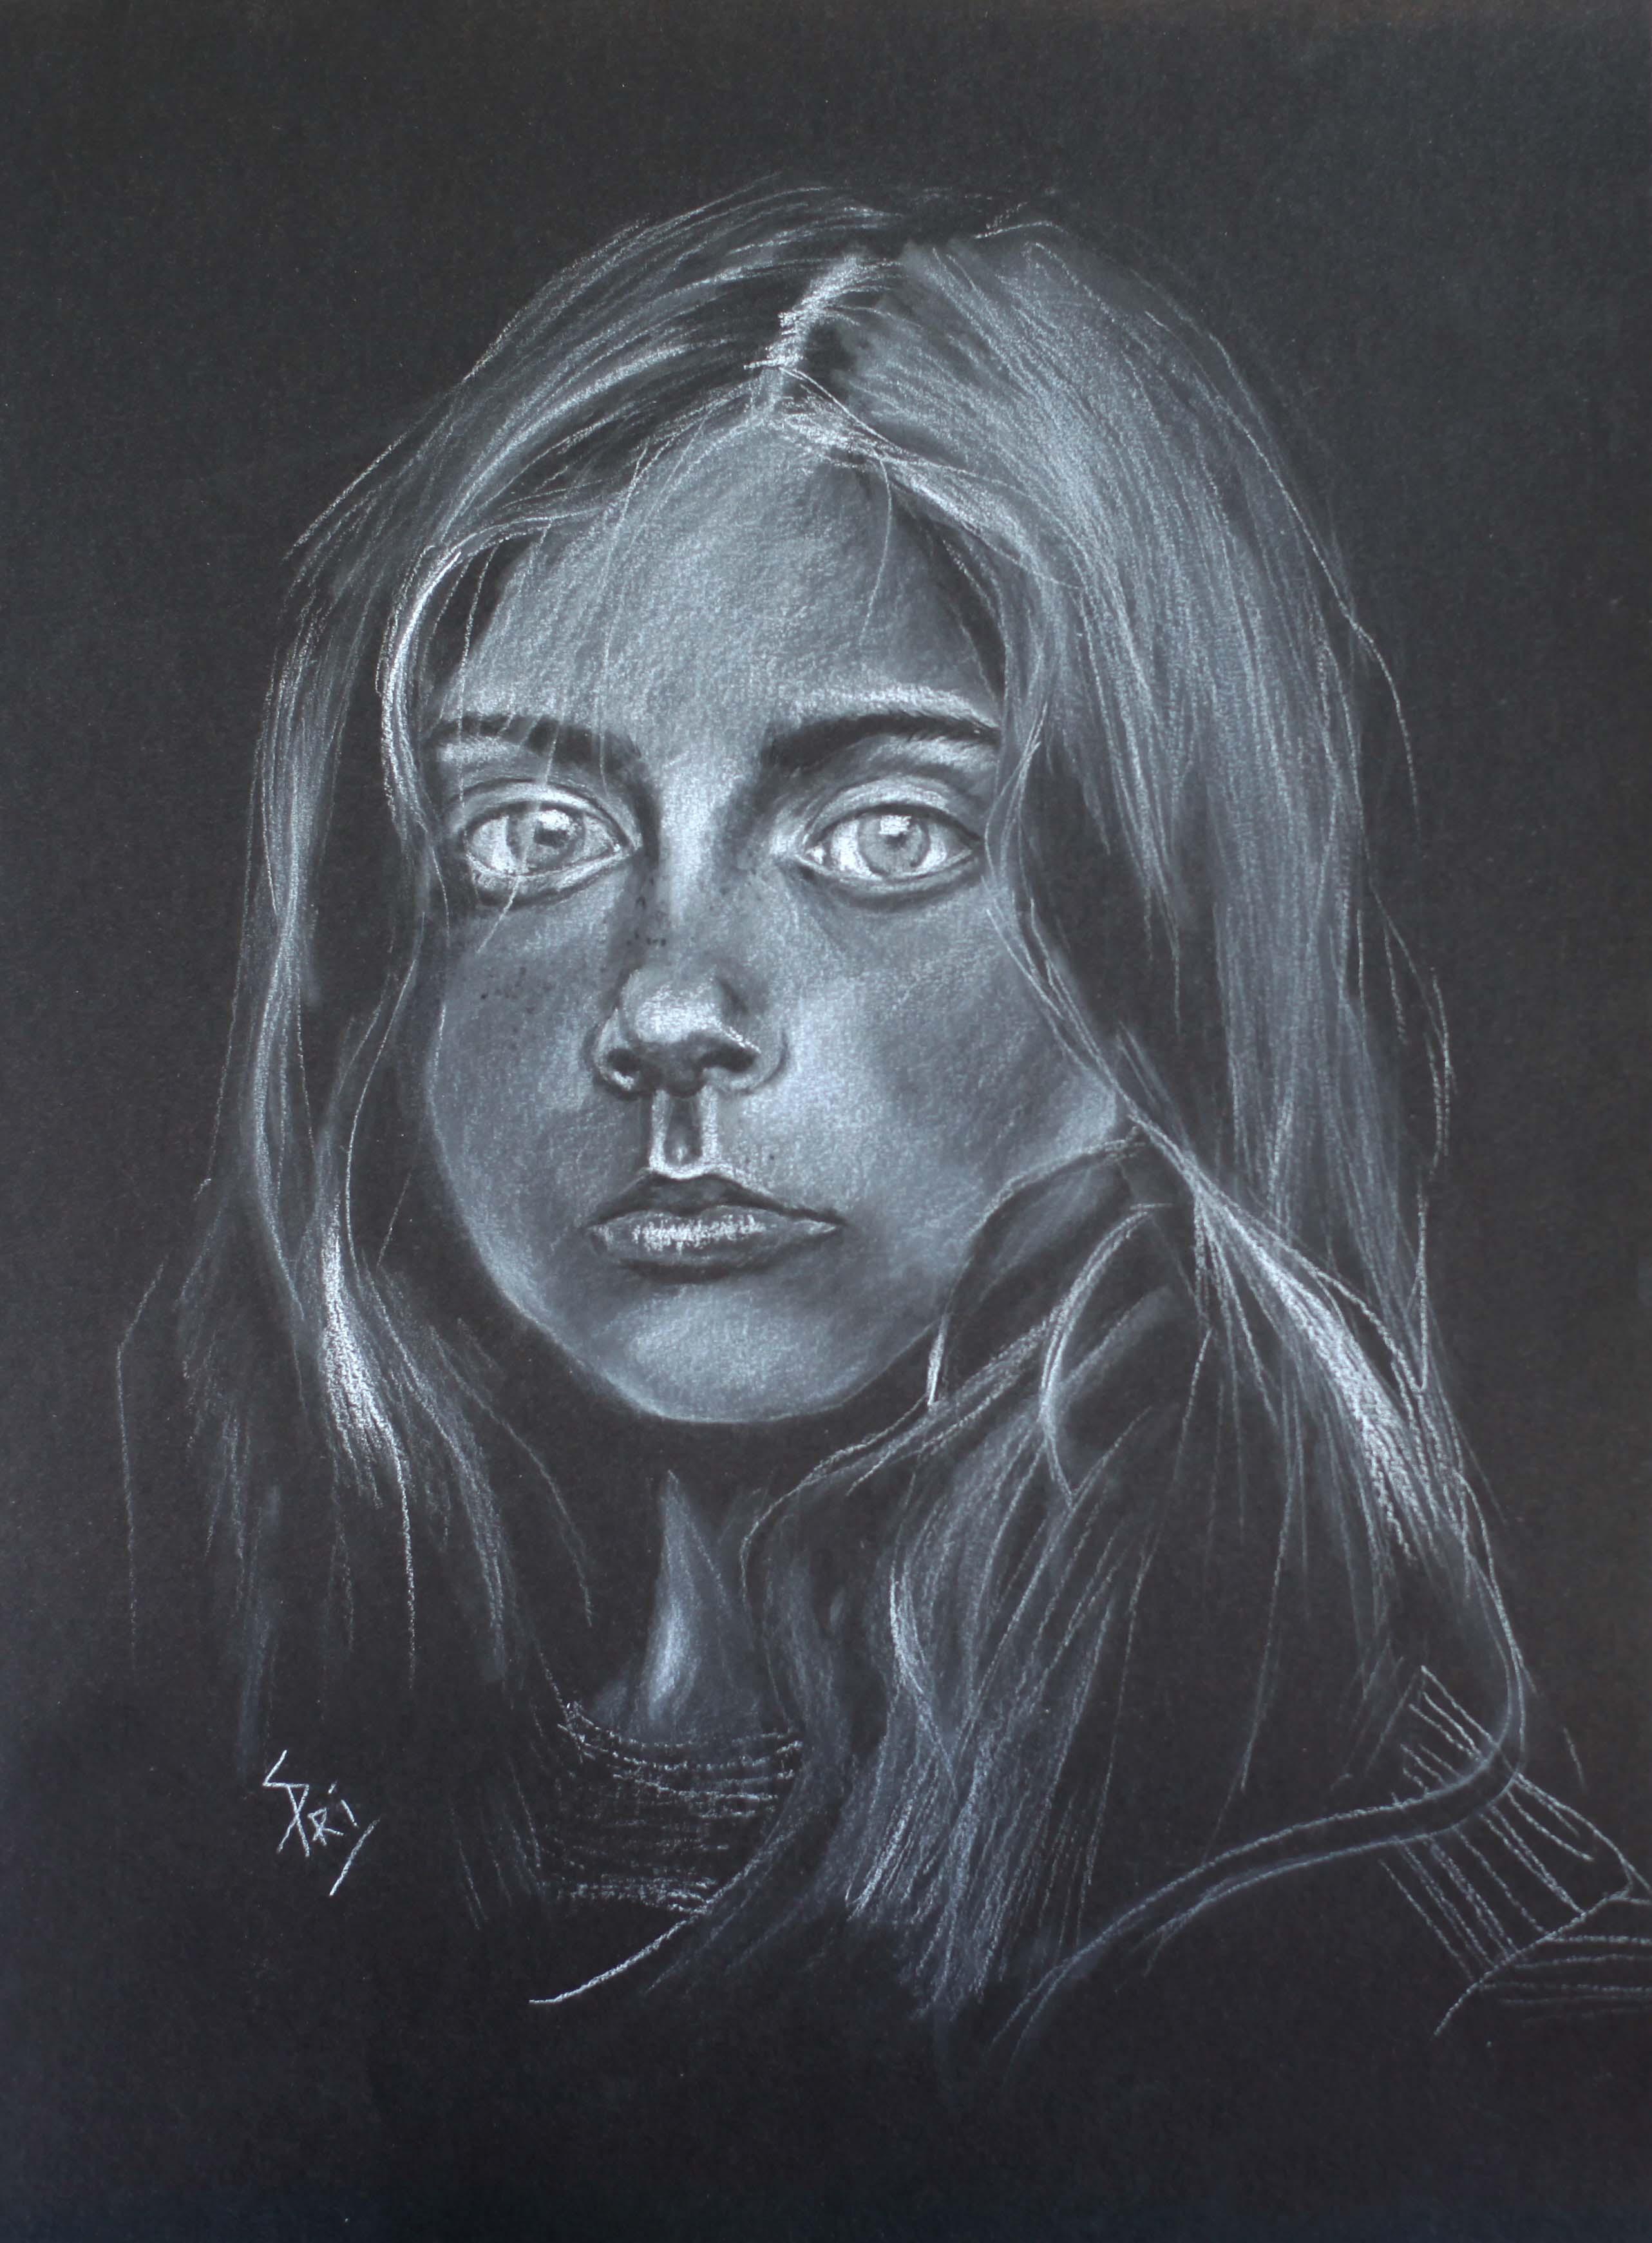 dessin sur papier noir par Priscilla Seiller-Mandereau